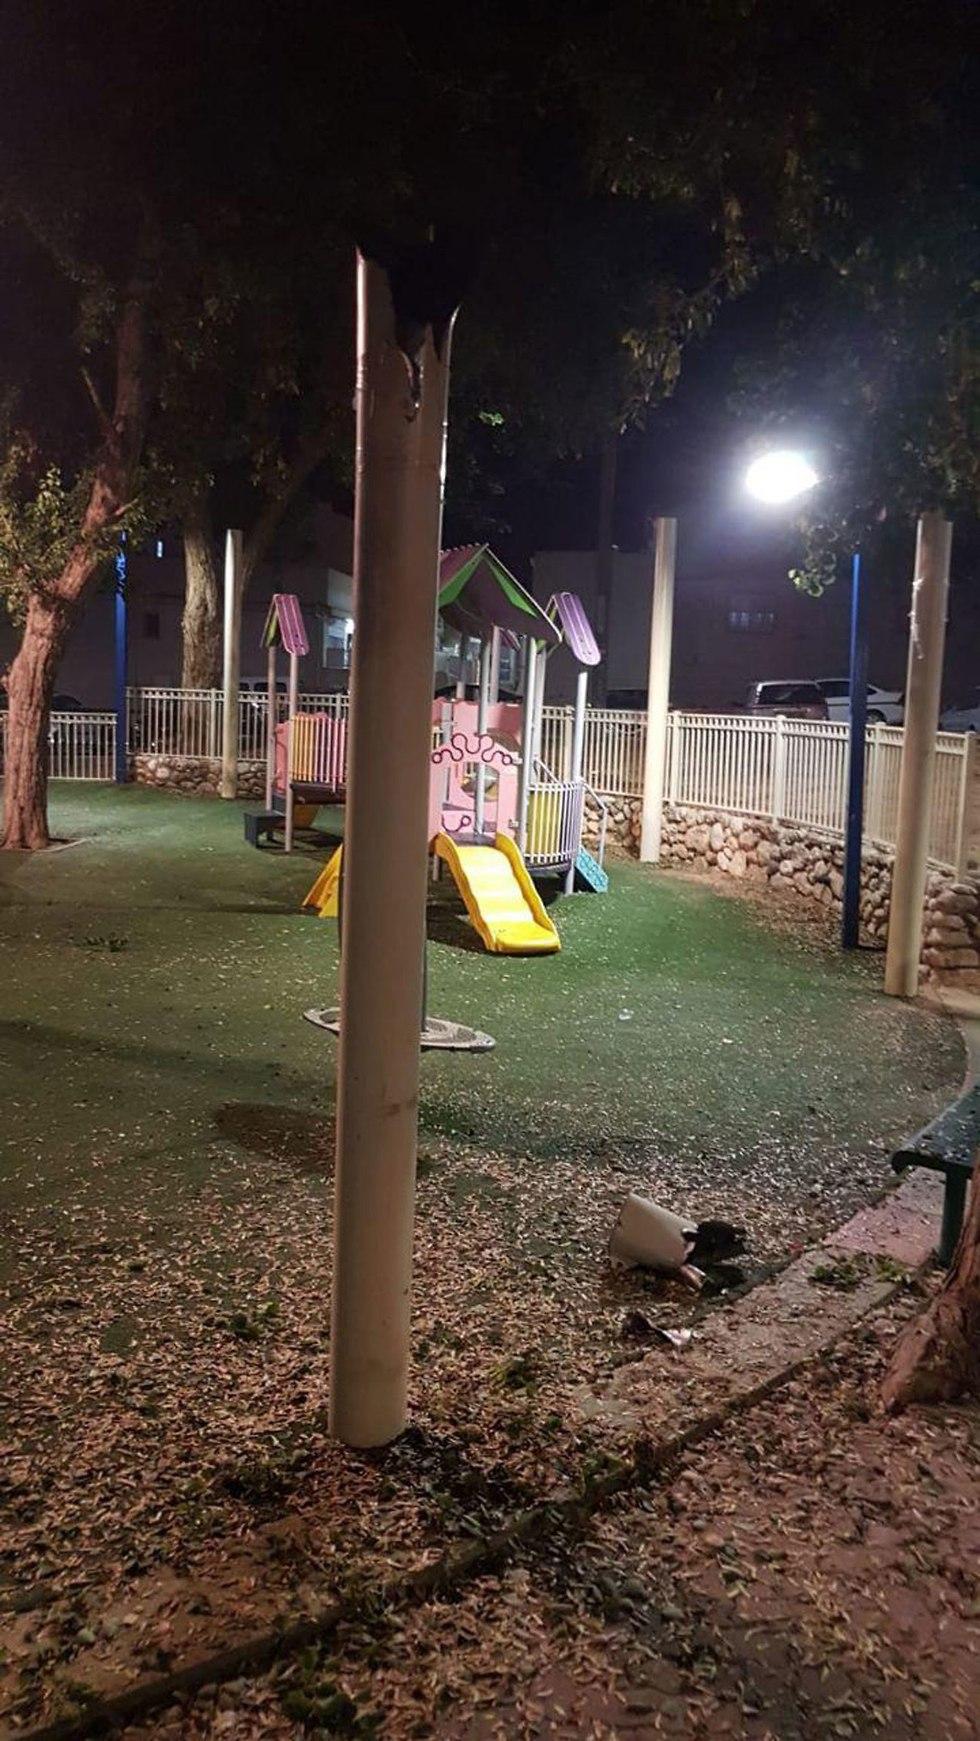 רקטה פגעה בגן משחקים ()